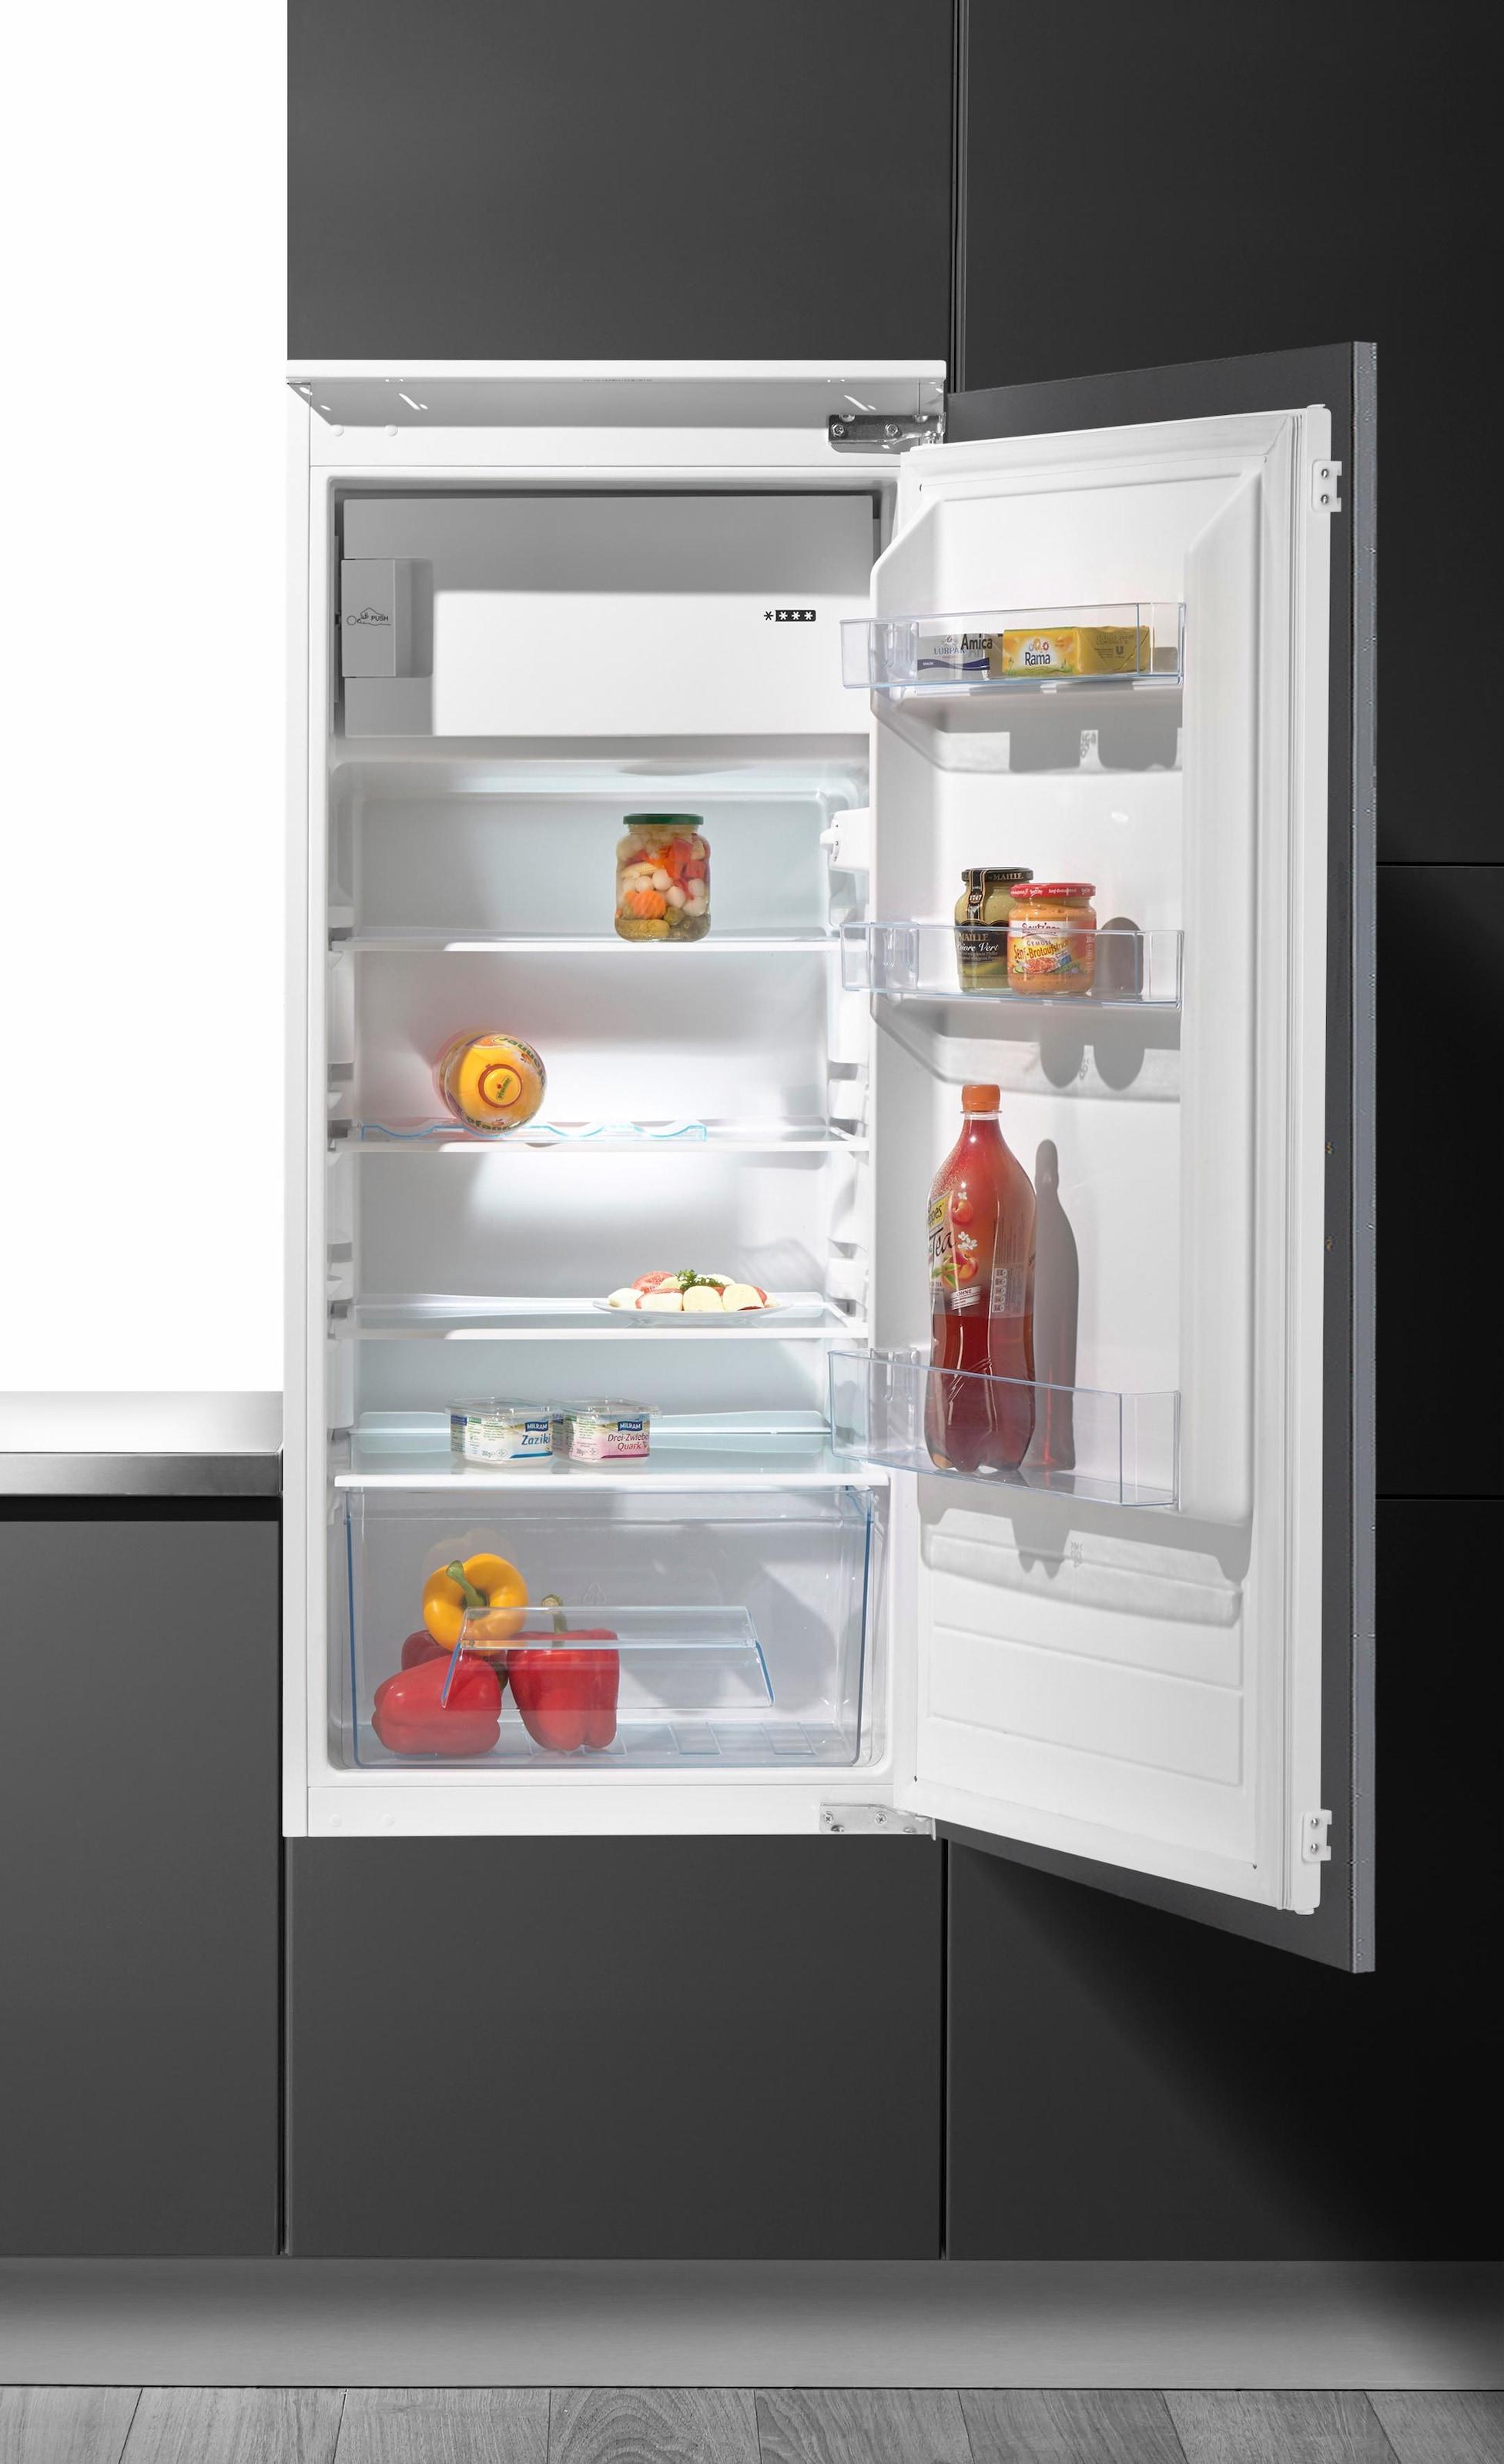 Amica Kühlschrank 122 Cm : Amica einbaukühlschrank cm hoch cm breit bestellen baur